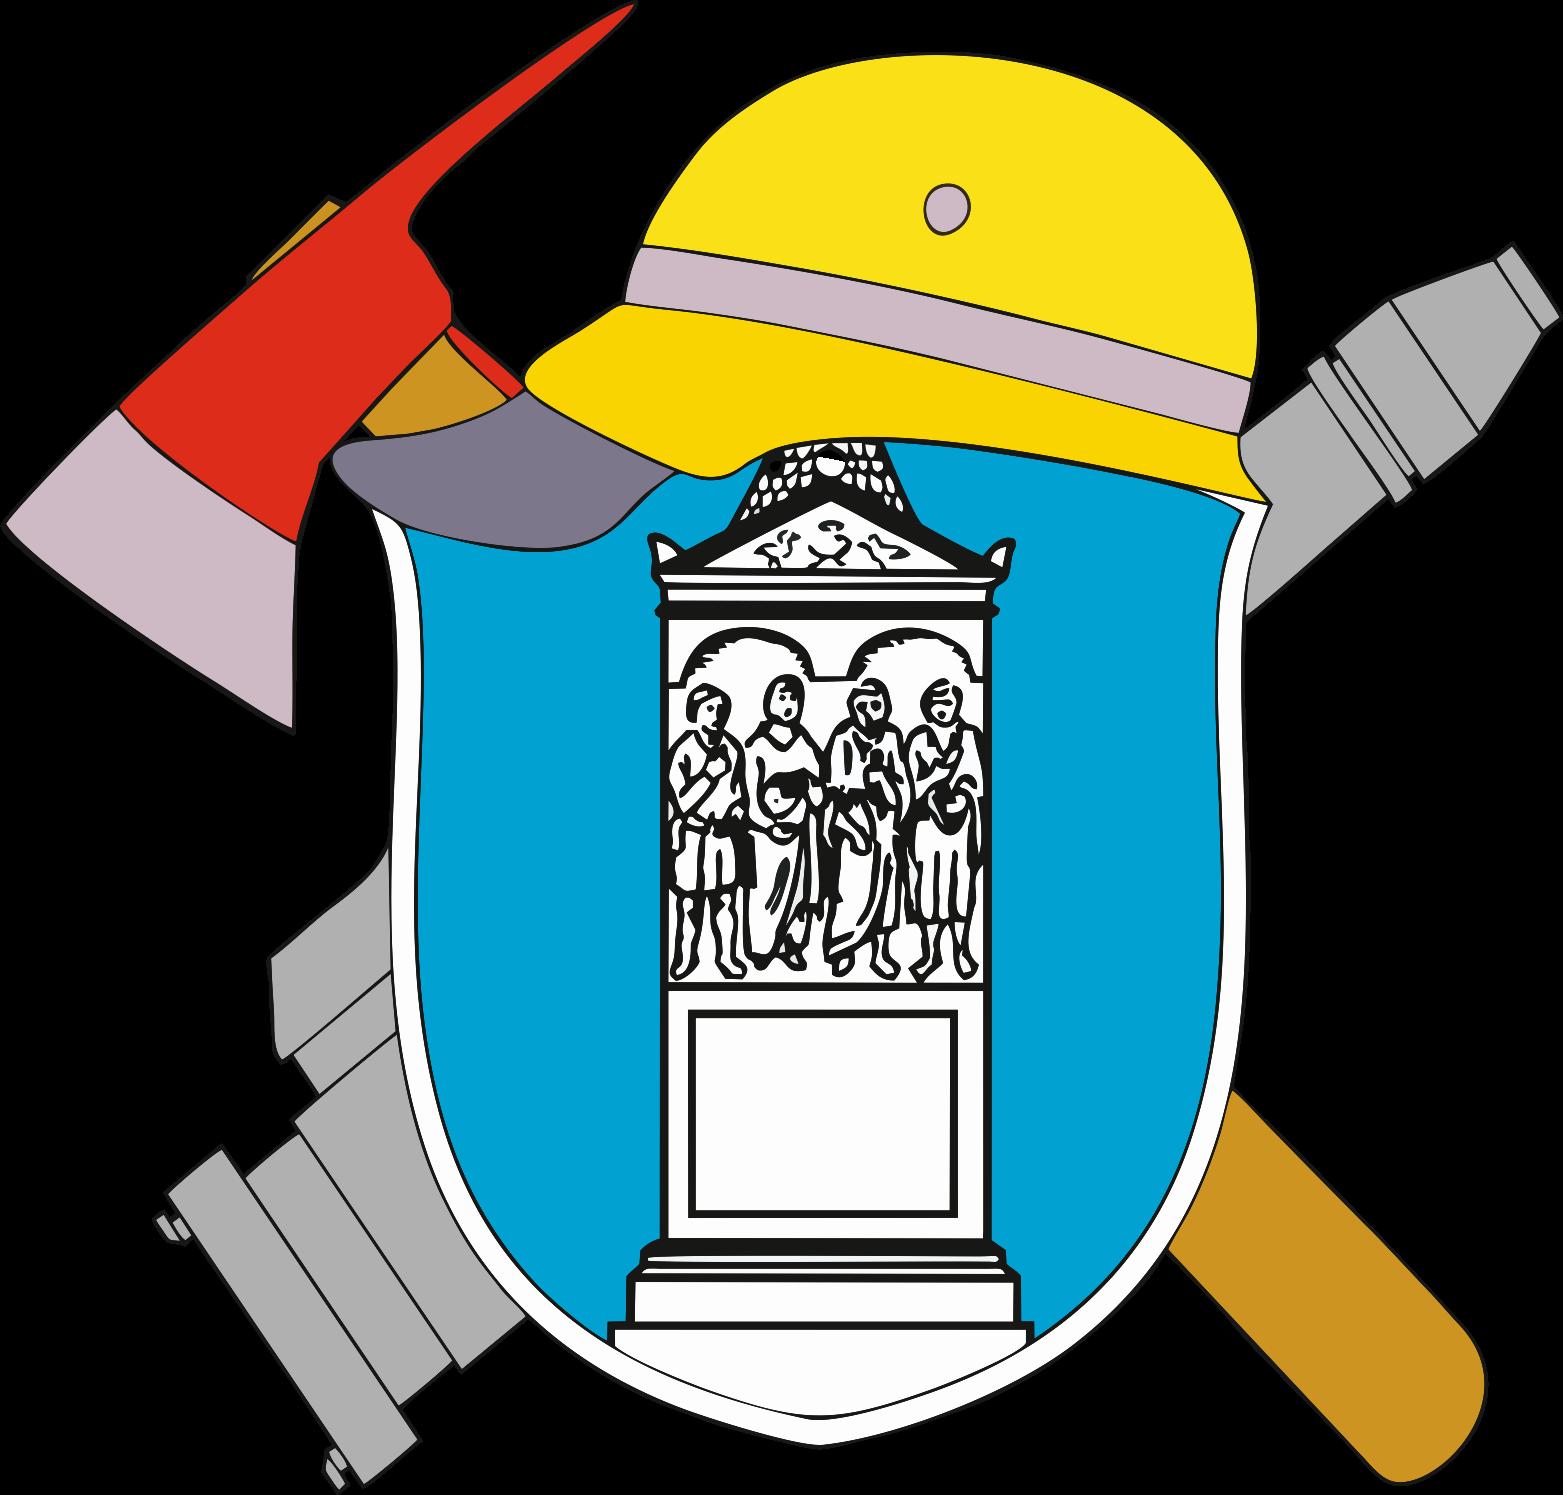 Freiwilligen Feuerwehr Oberhausen